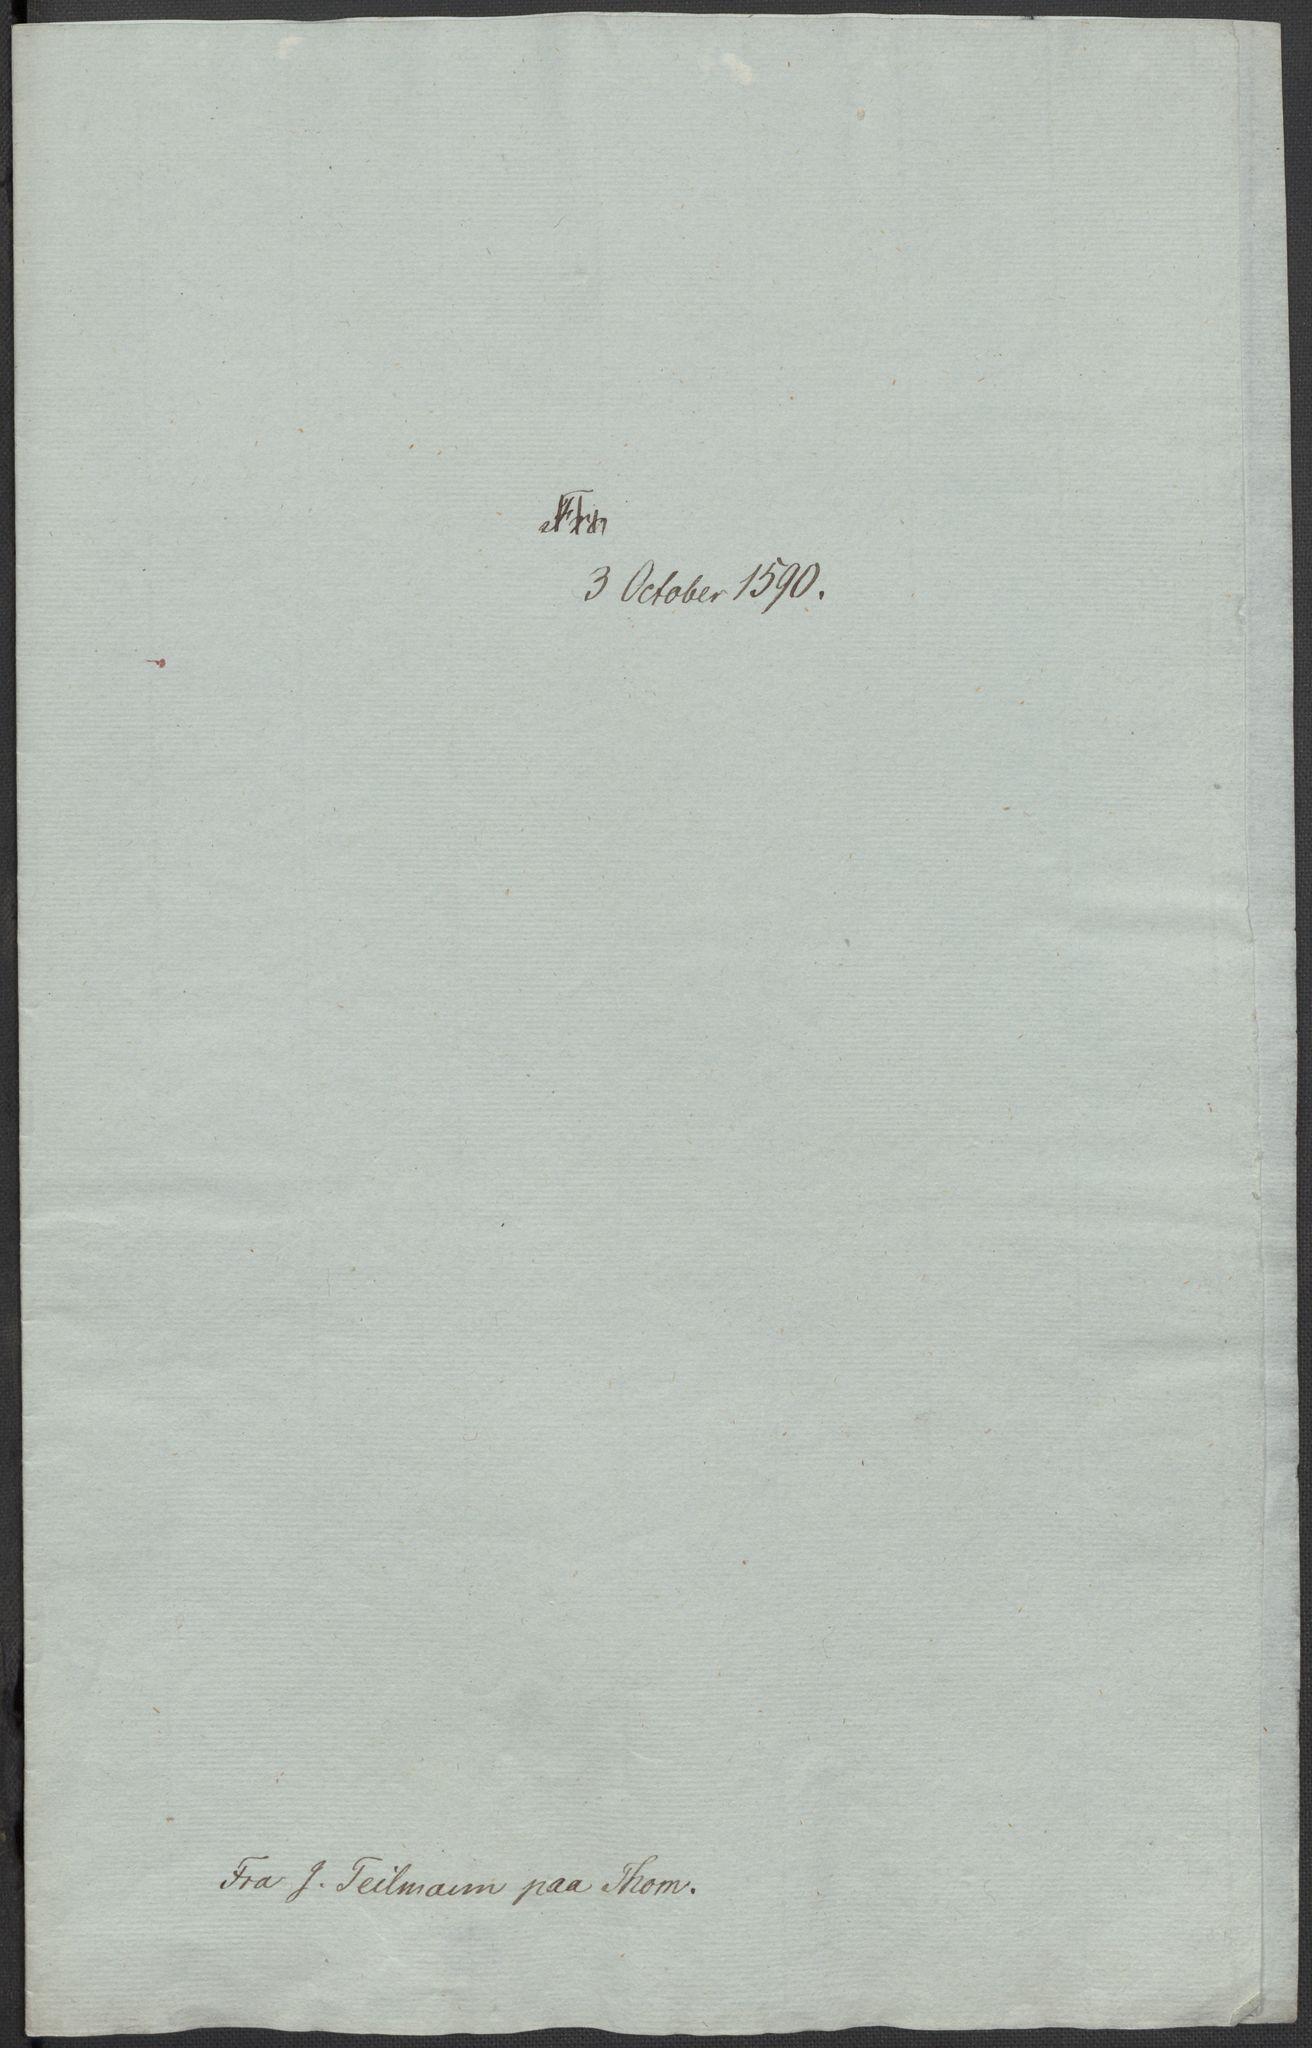 RA, Riksarkivets diplomsamling, F02/L0092: Dokumenter, 1590, s. 24